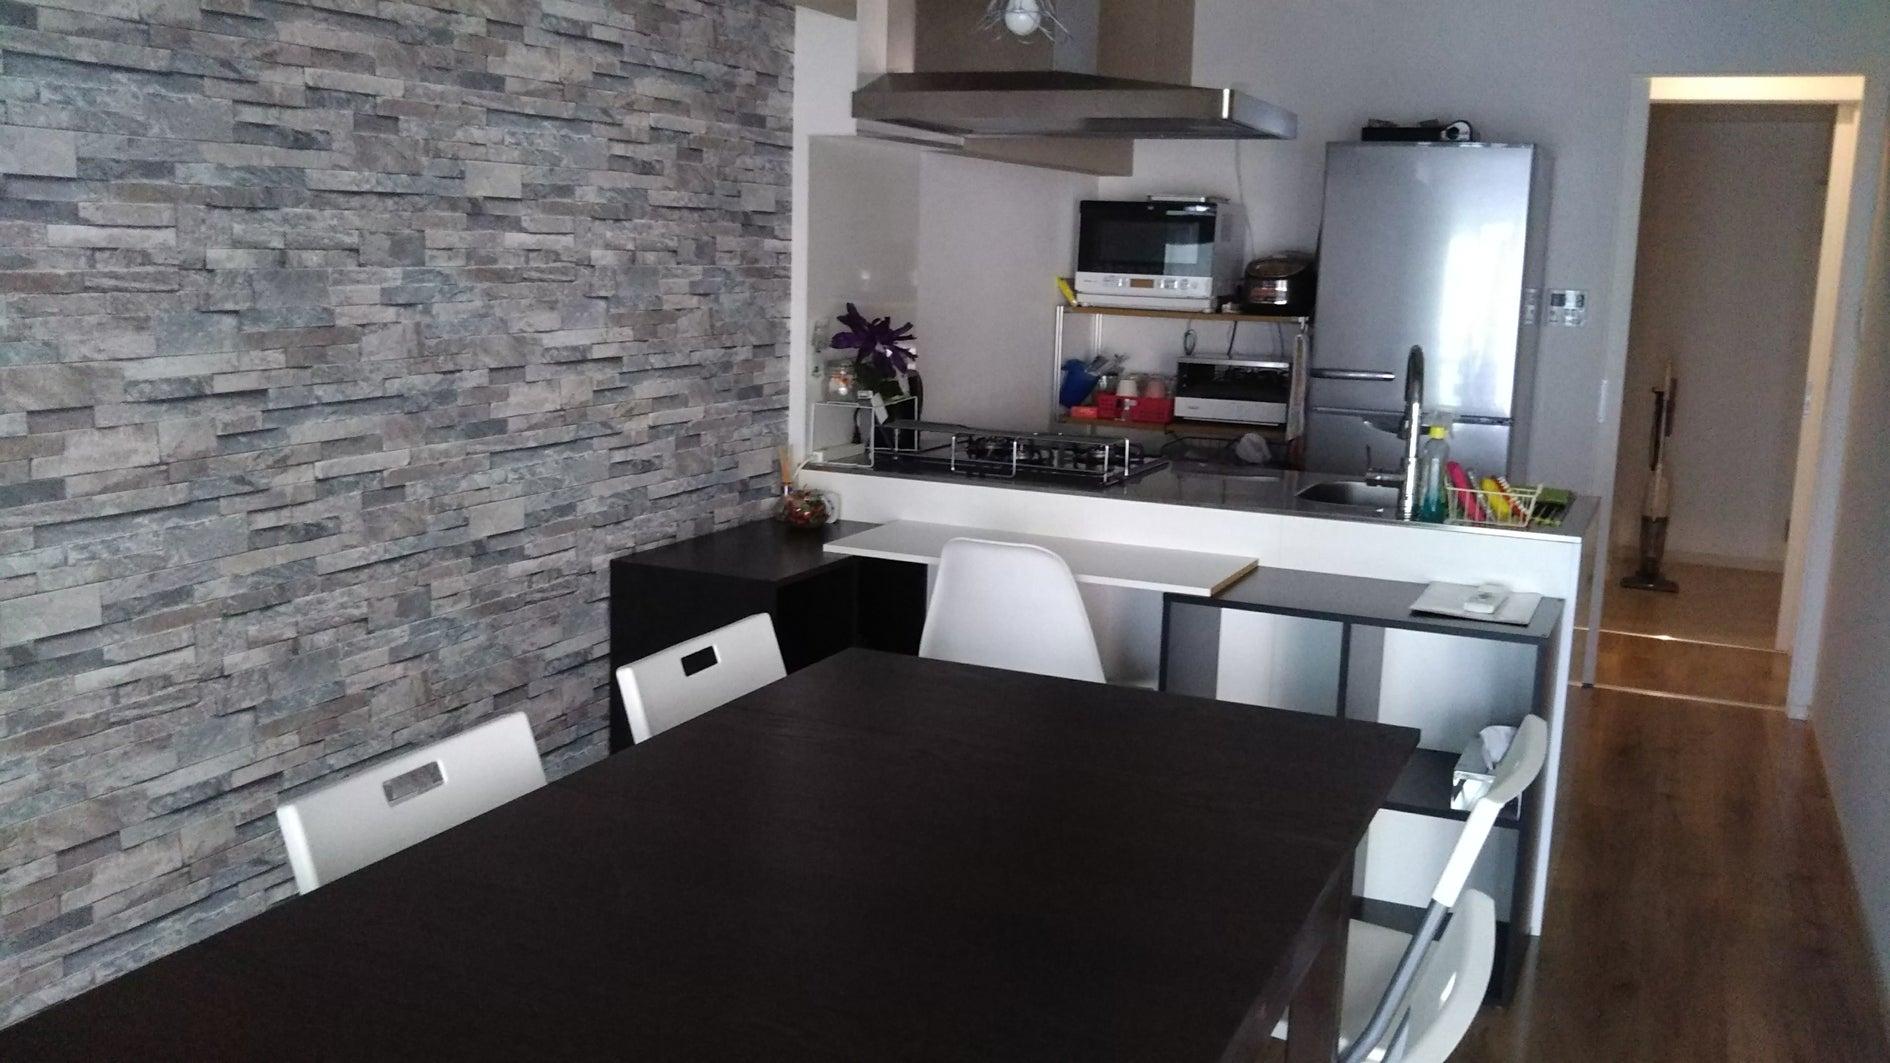 便利な江坂で、キッチン付き自宅のように使える素敵な少人数におすすめの多目的スペースです。